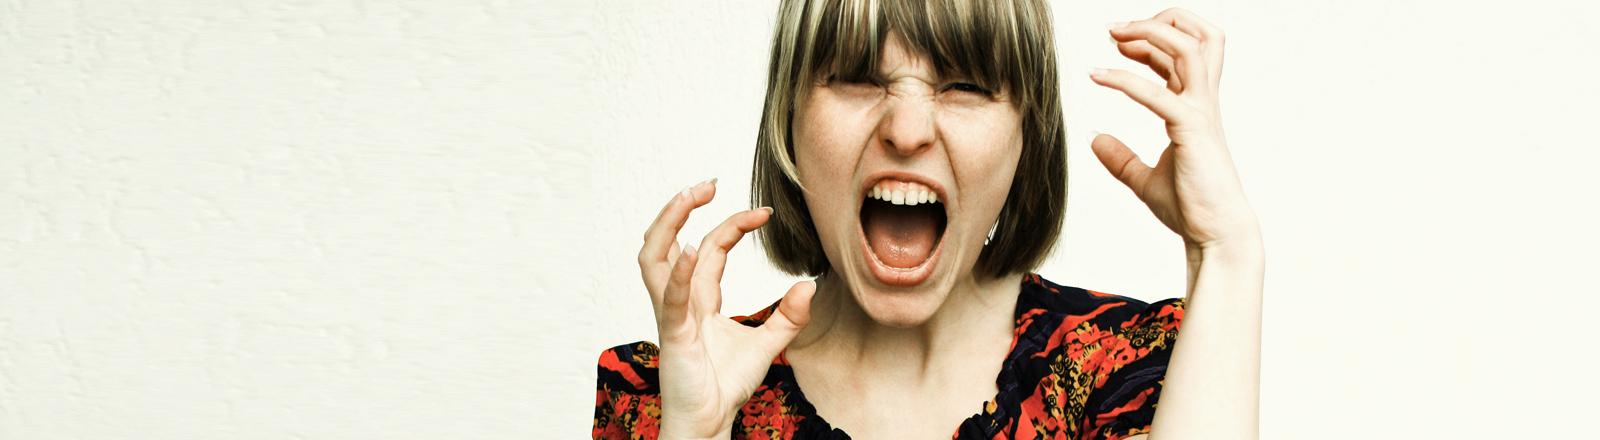 Eine Frau kreischt genervt.